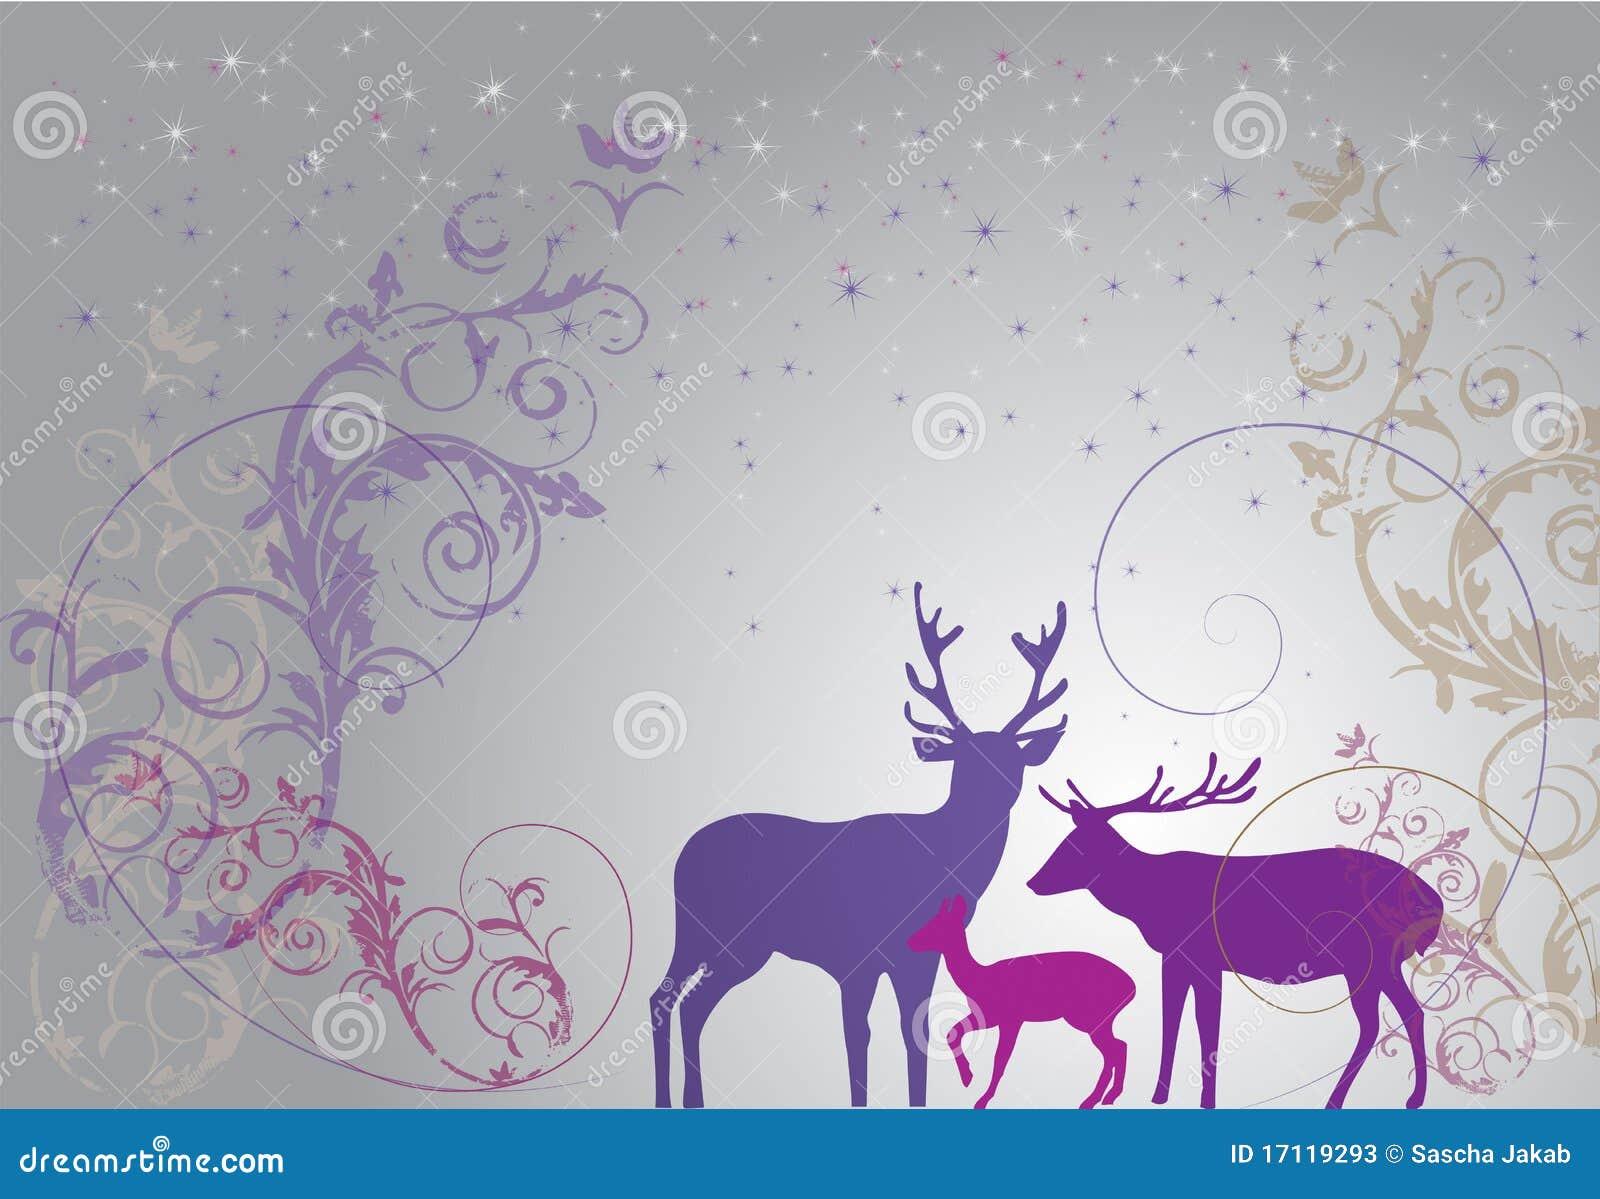 Romantic Christmas Stock Photos - Image: 17119293